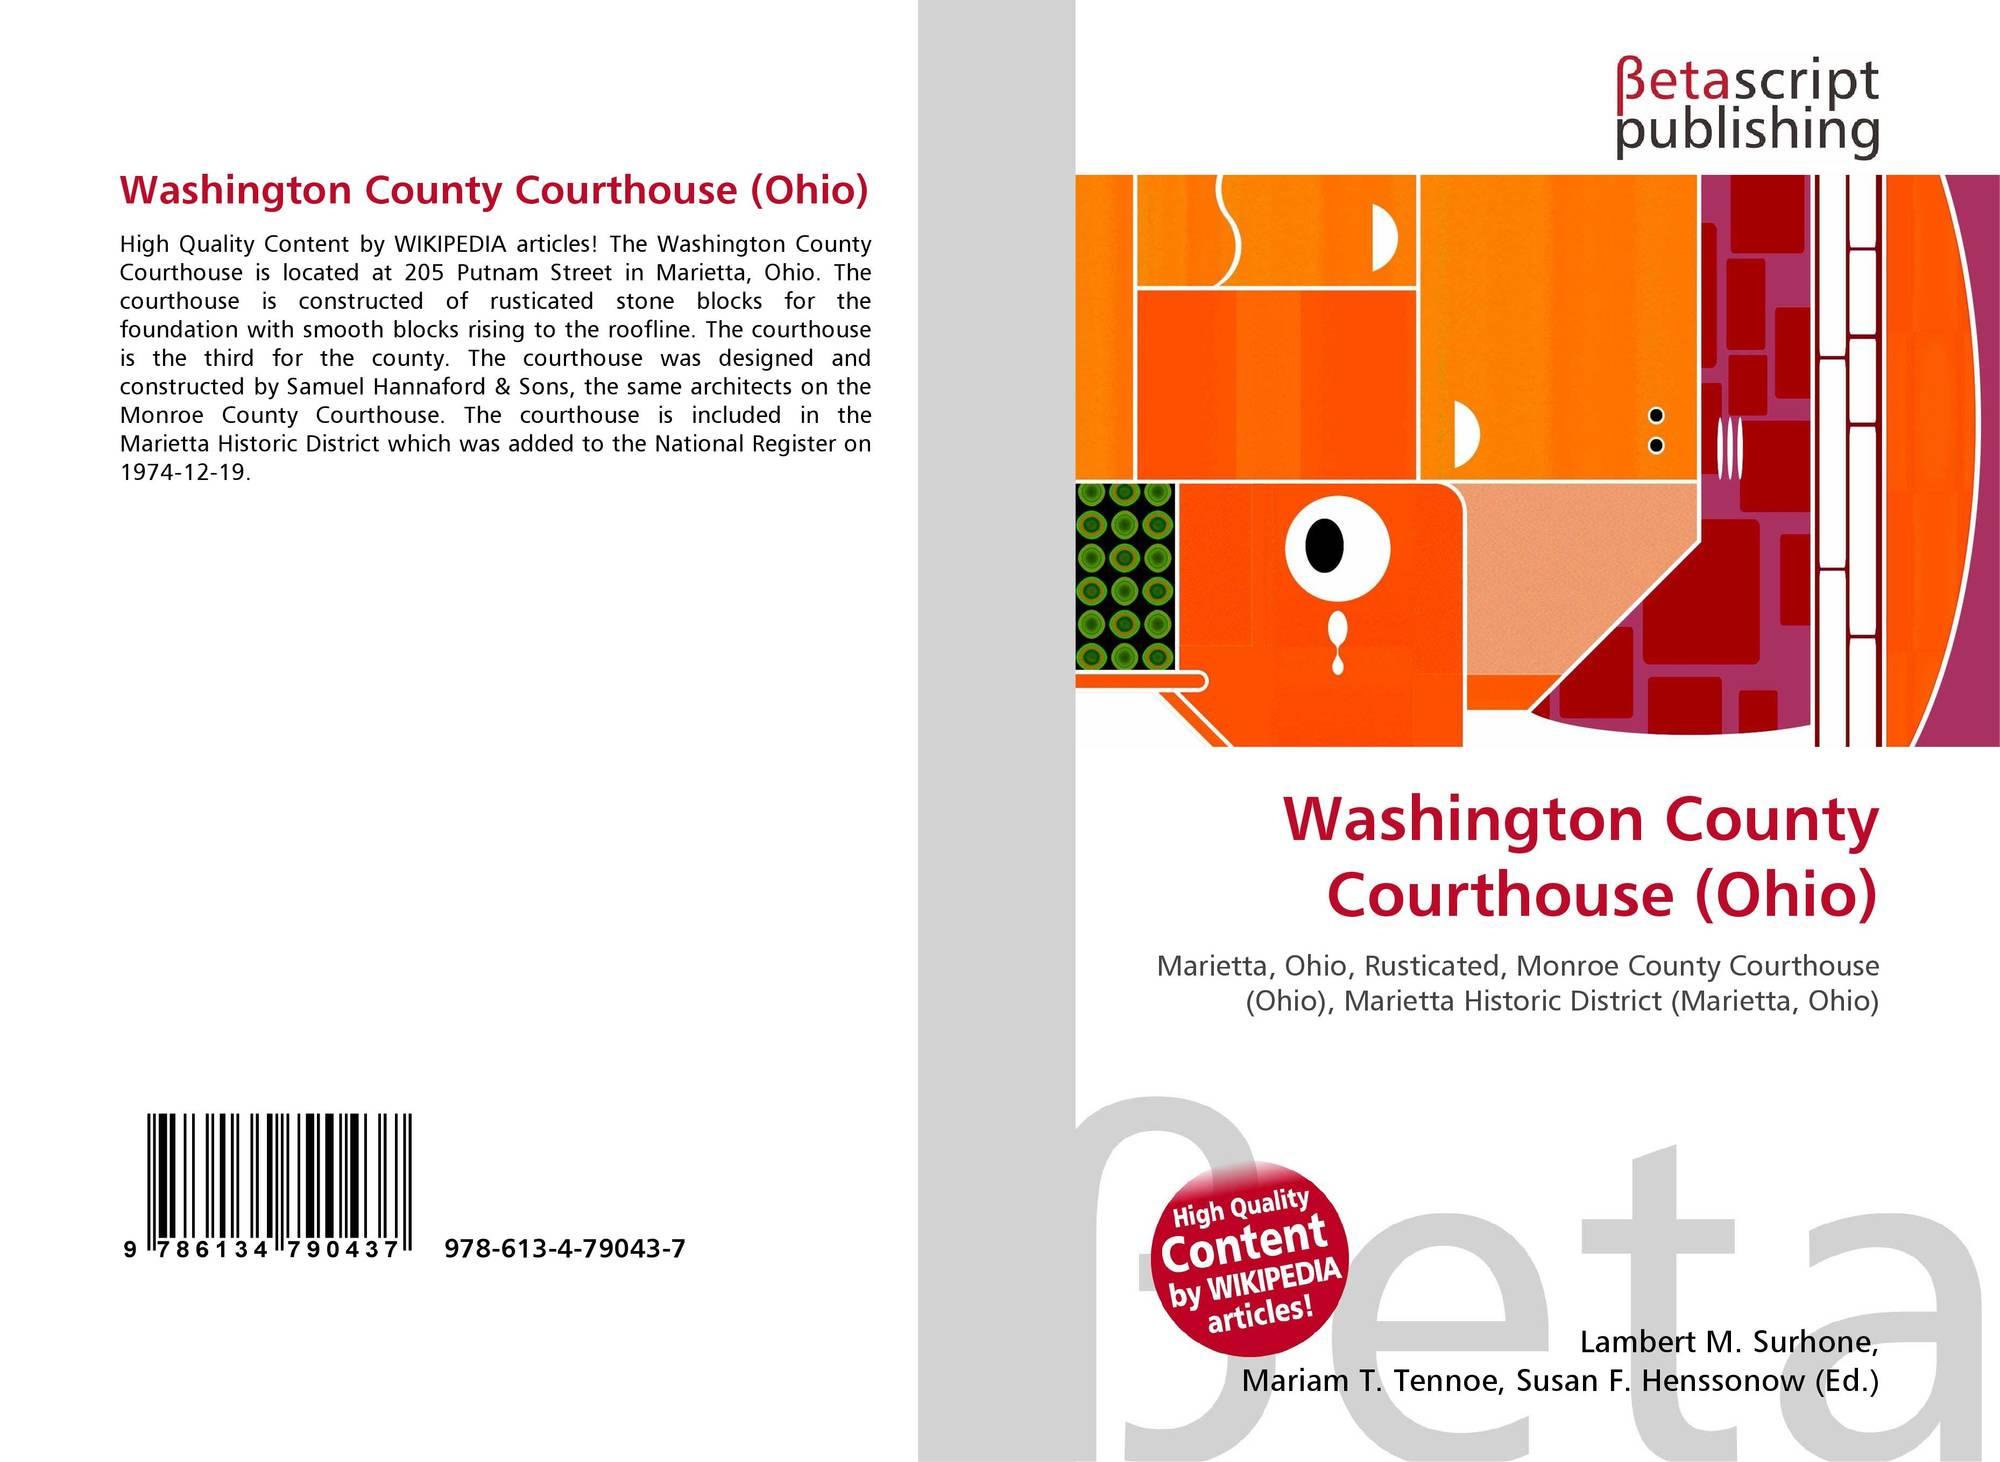 Washington County Courthouse (Ohio), 978-613-4-79043-7, 6134790435